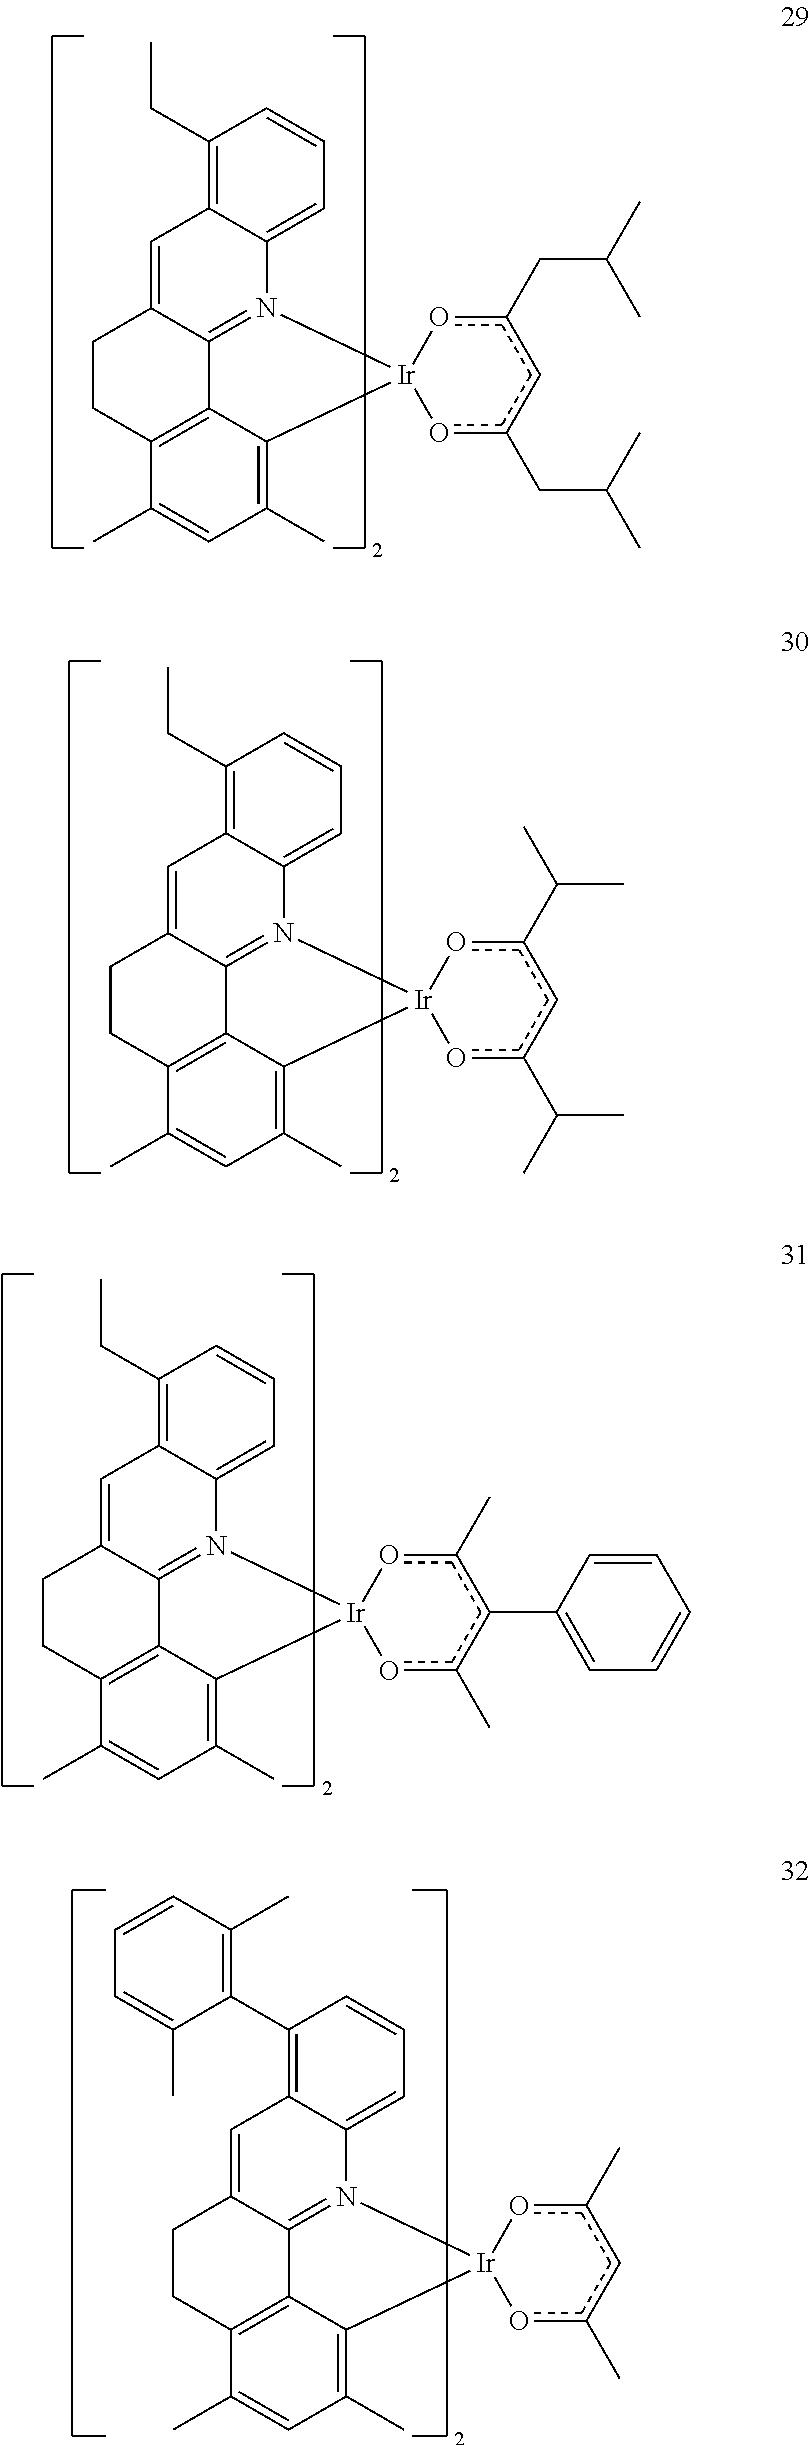 Figure US20130032785A1-20130207-C00034